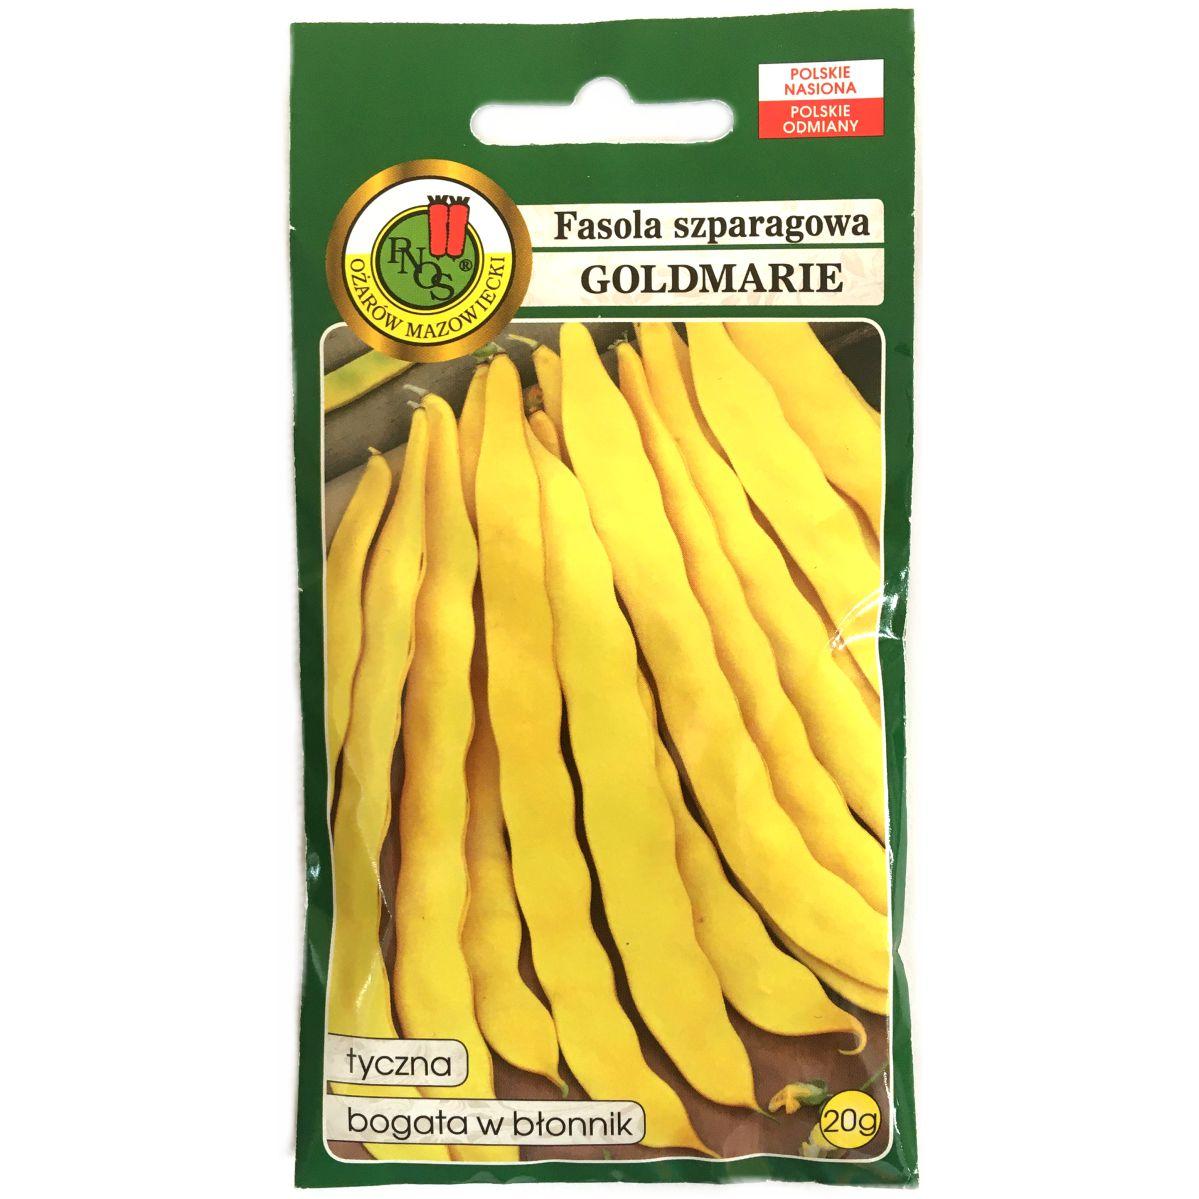 Fasola szparagowa Goldmarie nasiona PNOS